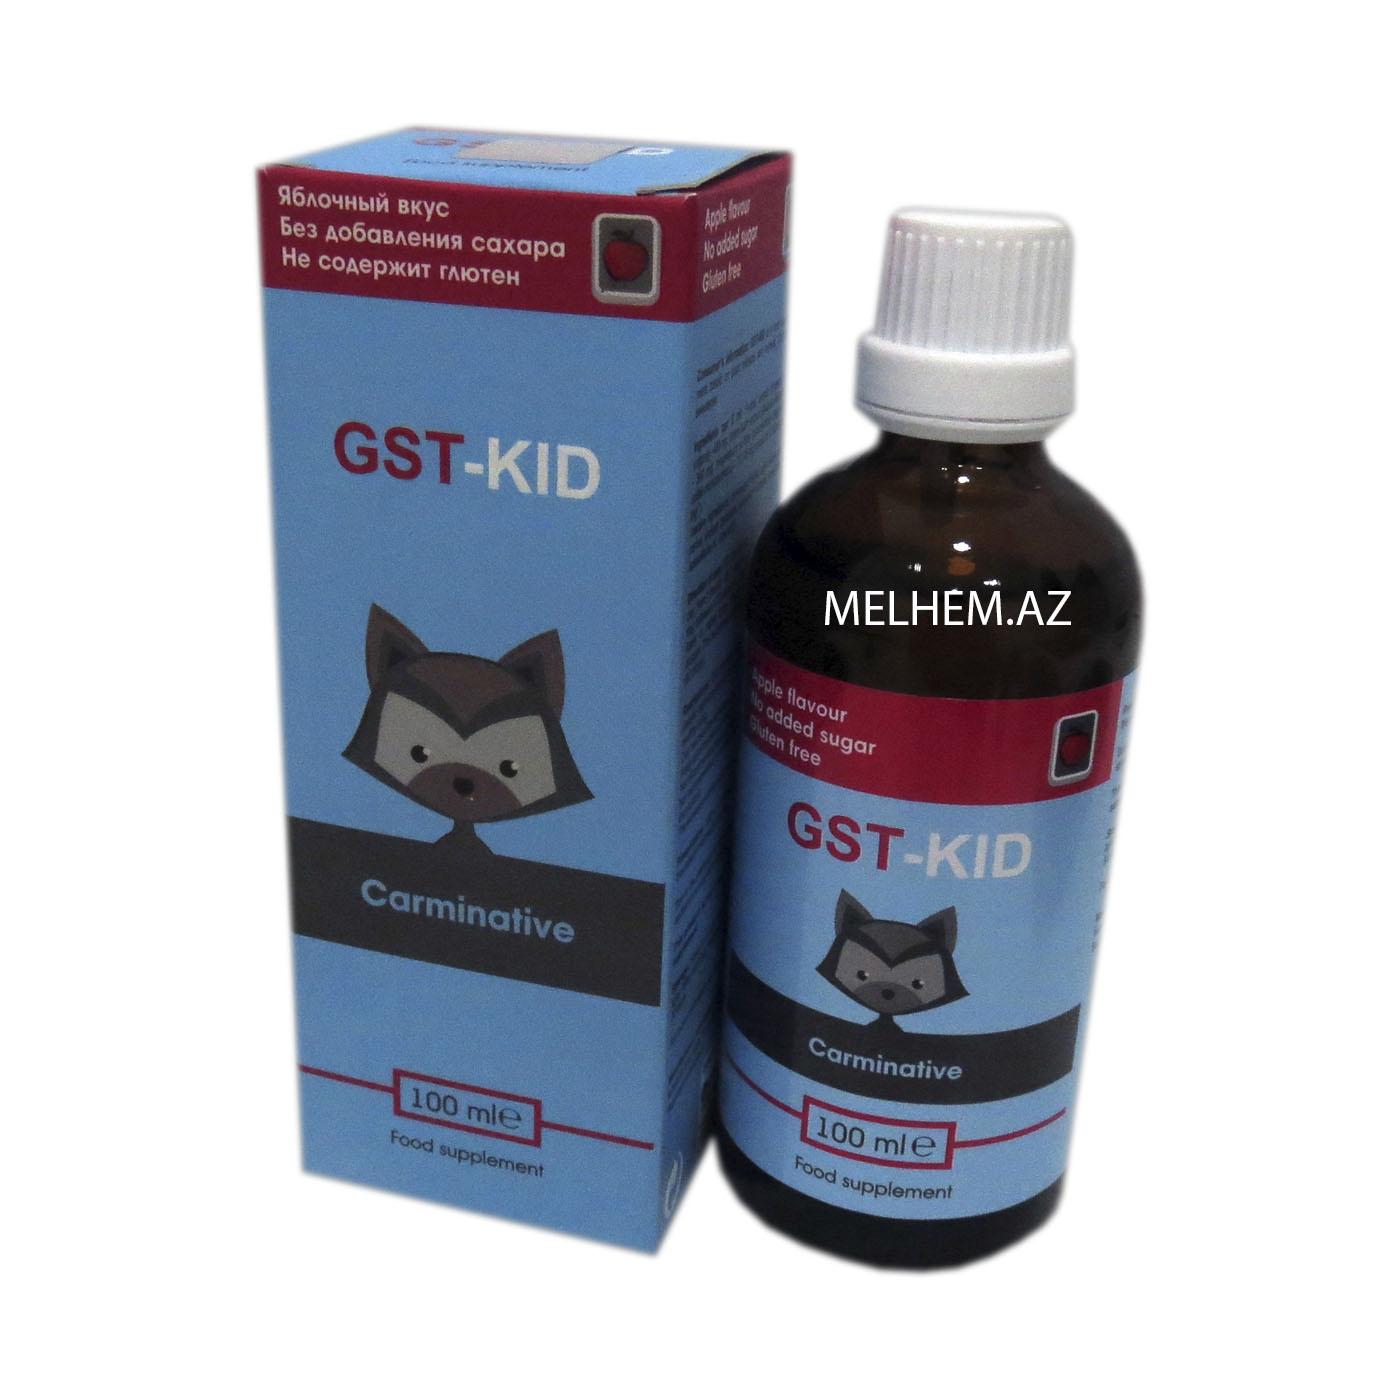 GST-KID